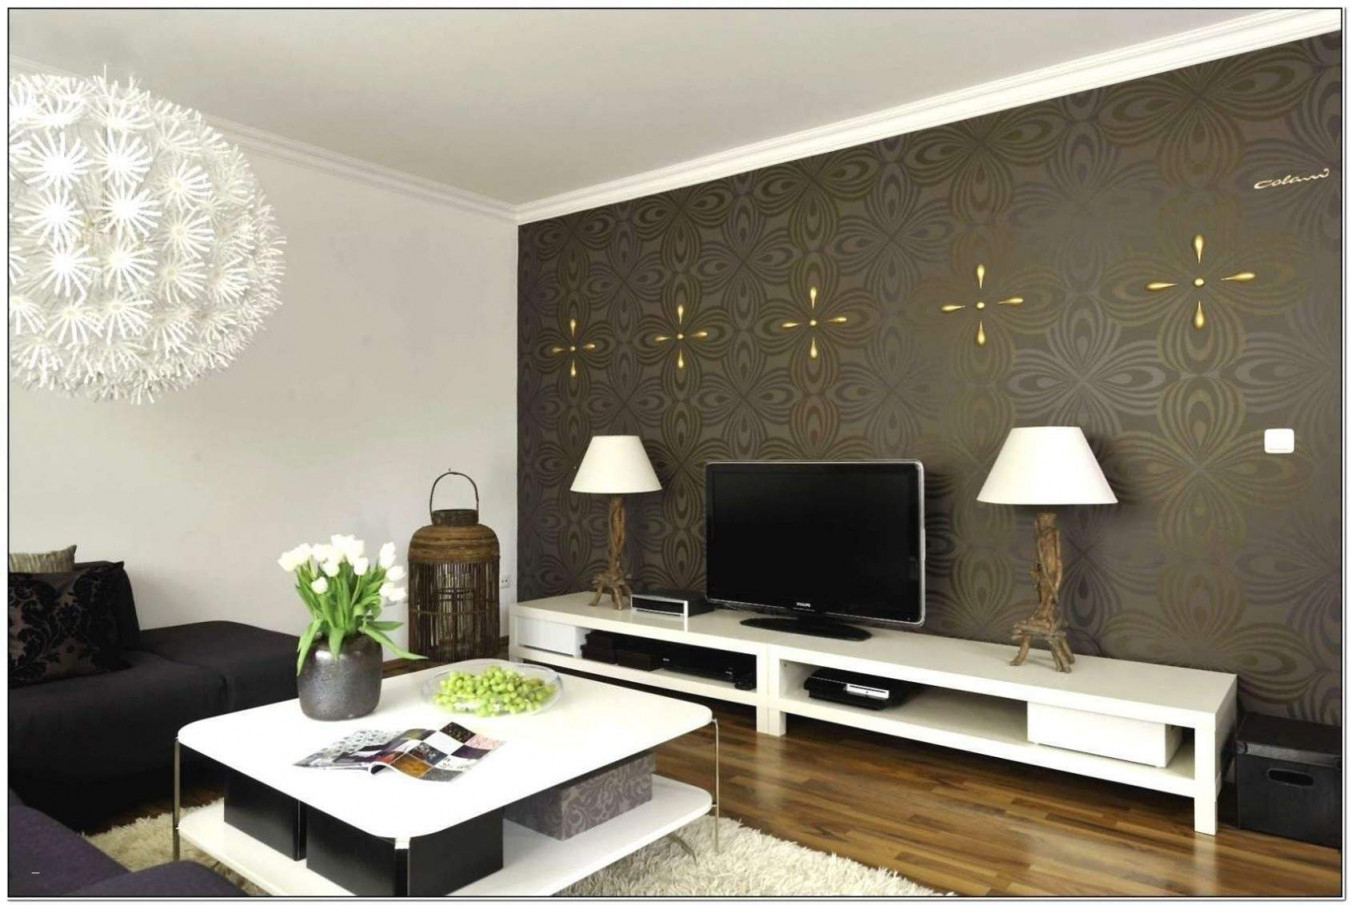 27 Elegant Wohnzimmer Tapeten Trends Genial  Wohnzimmer Frisch von Wohnzimmer Tapeten Trends Bild